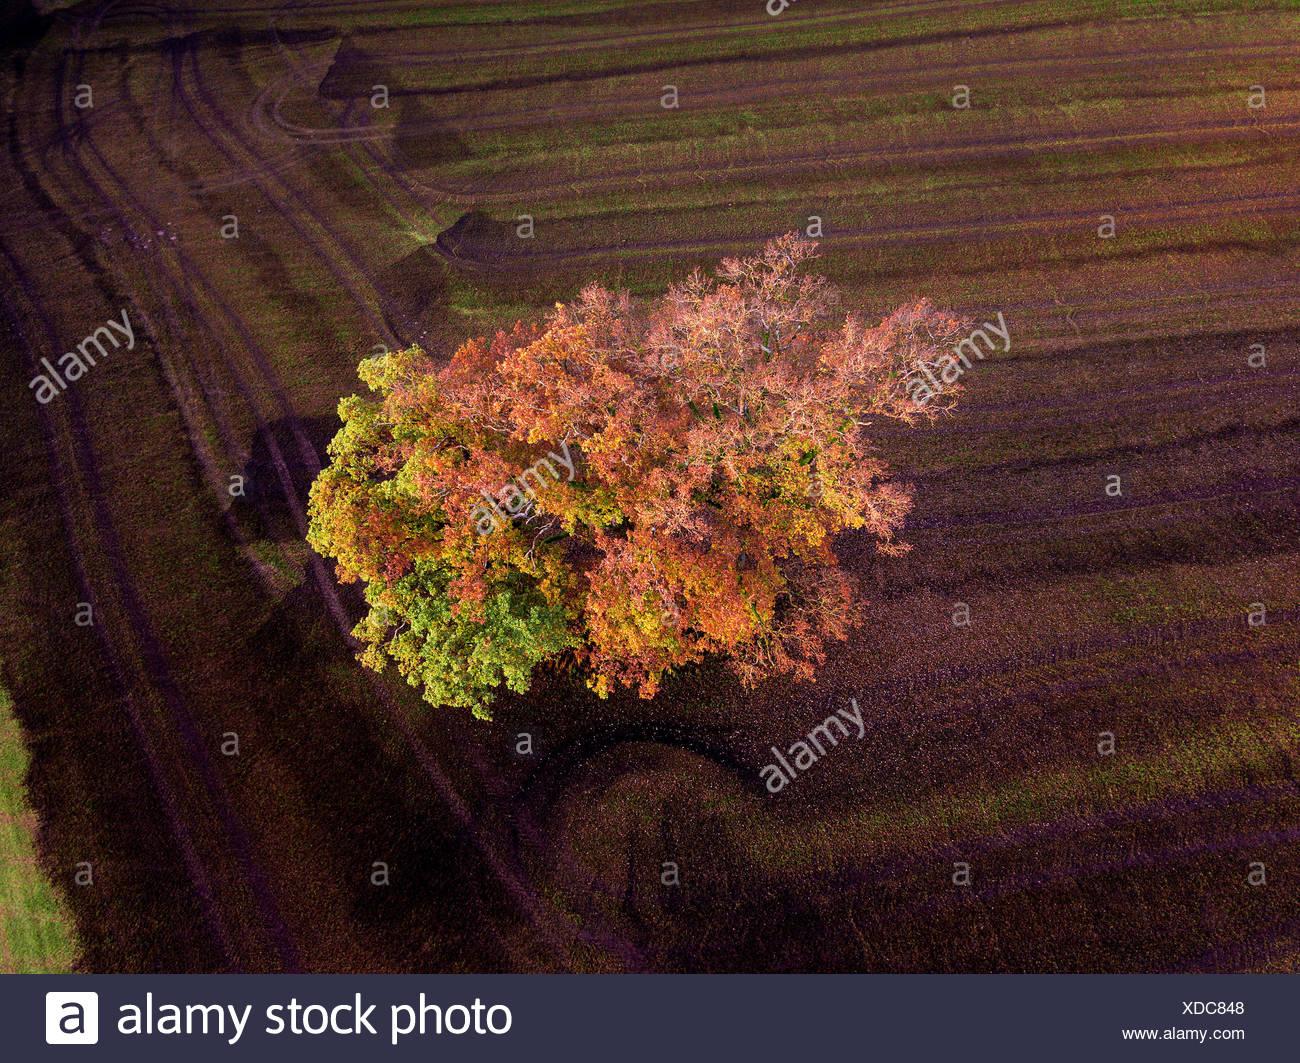 Bunte Felder im Herbst; Landsberieder, farbenfrohe Buche, einzelner Baum auf dem Feld, gedüngtes Feld, Odell, Gülle; Fürstenfeldbruck; Bayern; Deutschl Stockbild